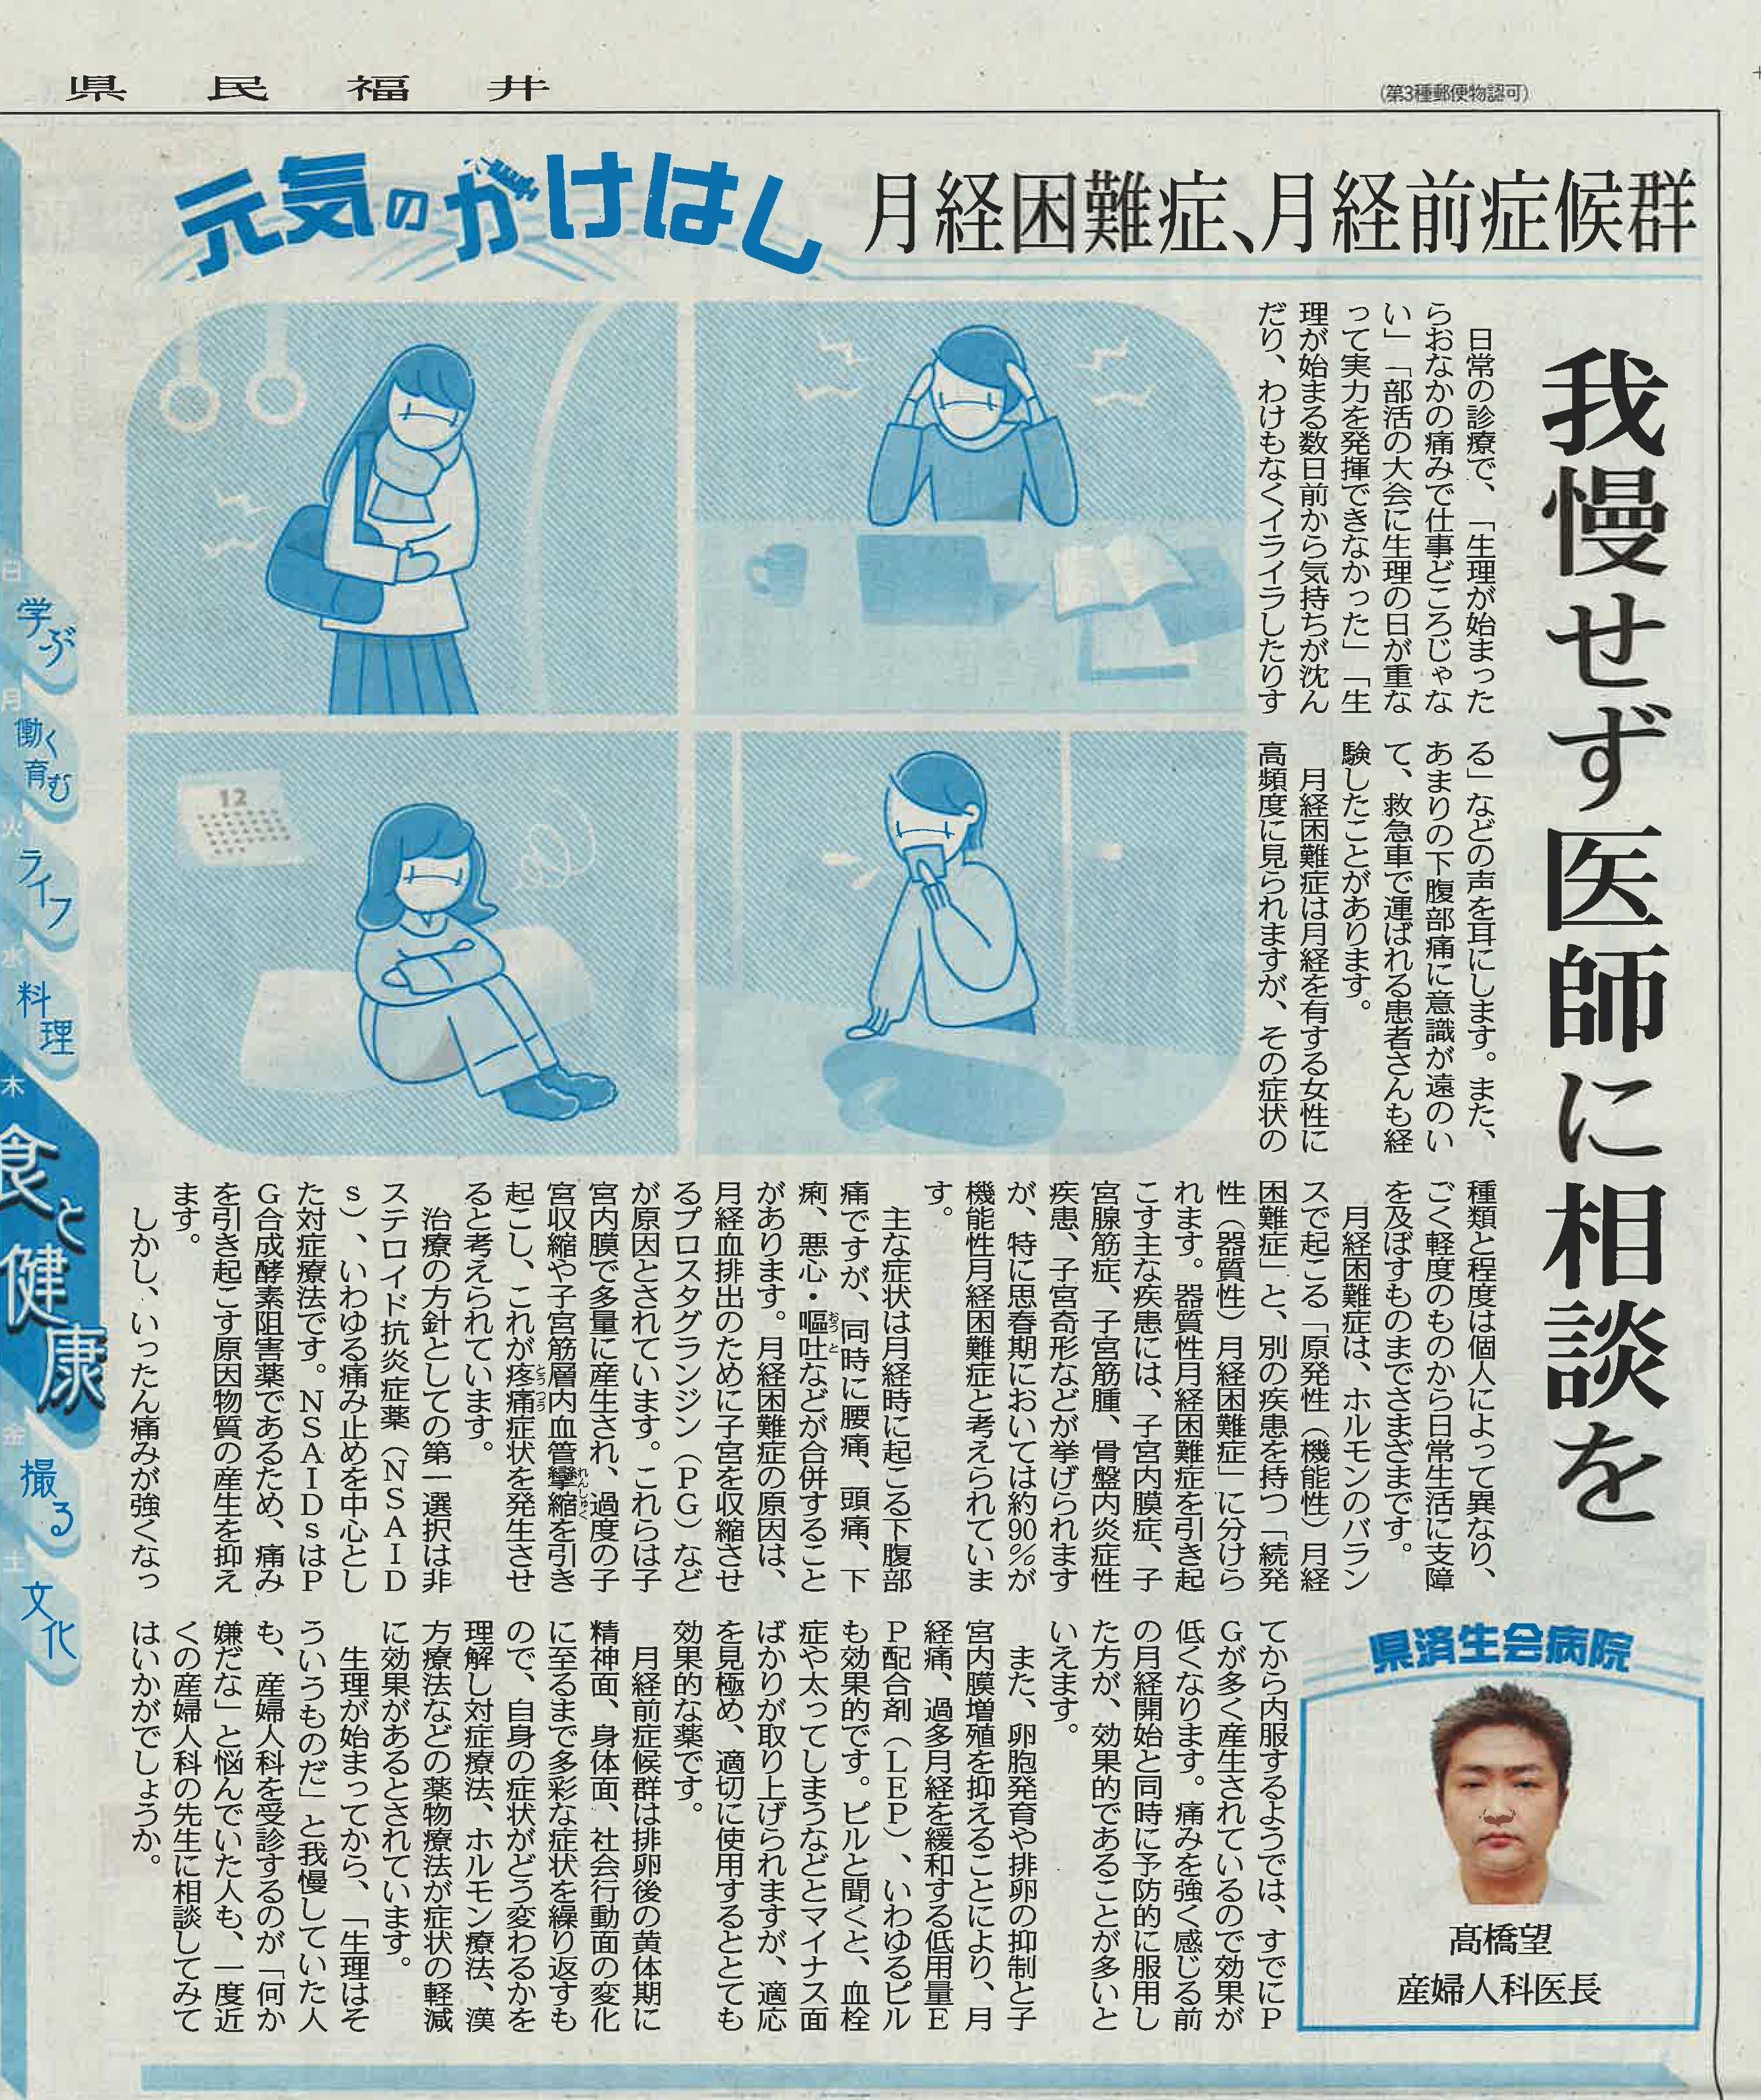 2019年12月26日 日刊県民福井